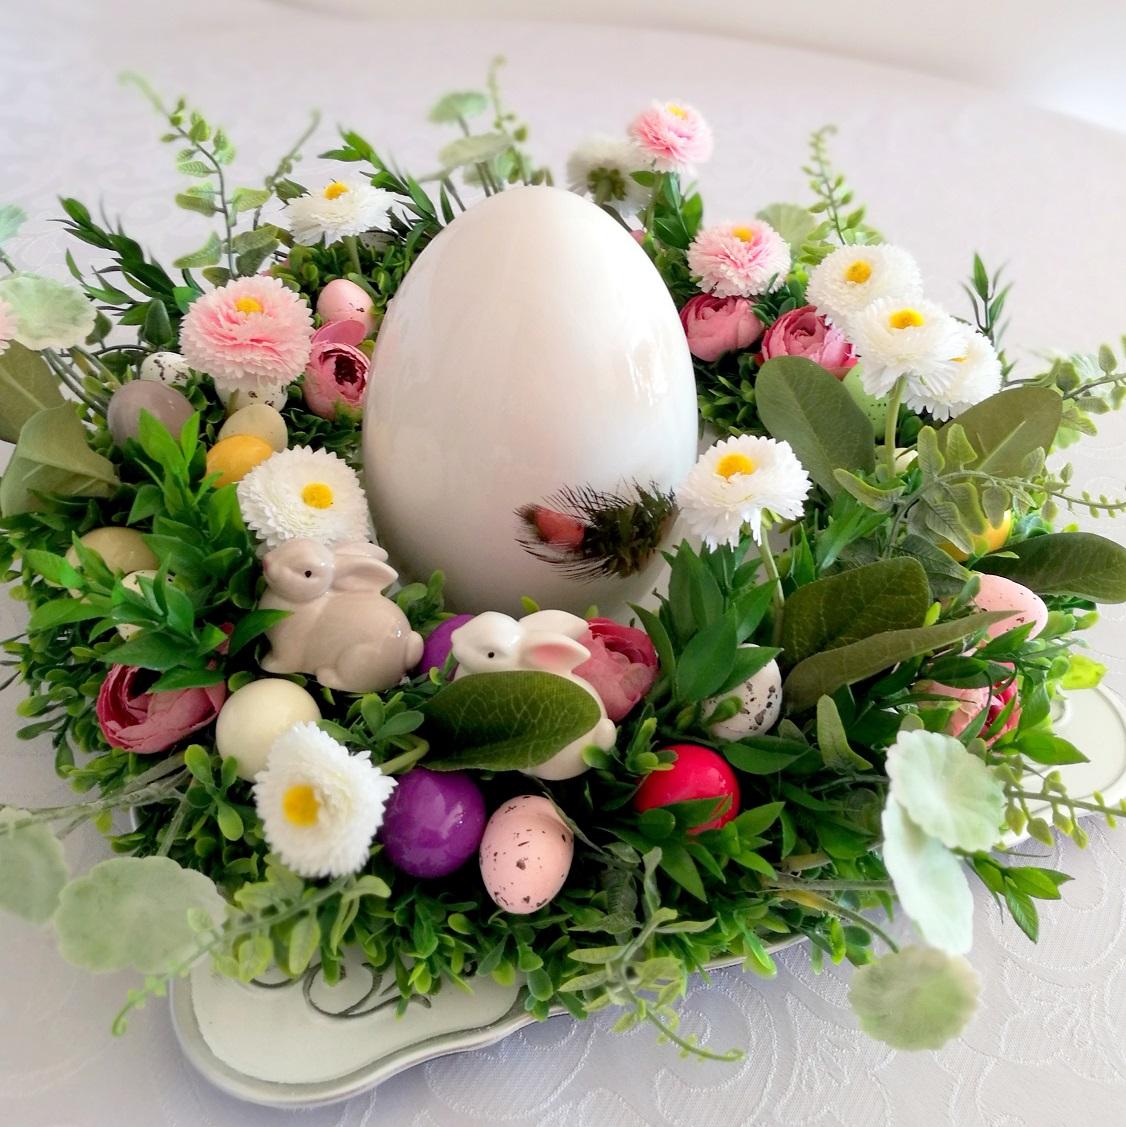 Wielkanocny wianek Kwietna łąka nr. 75